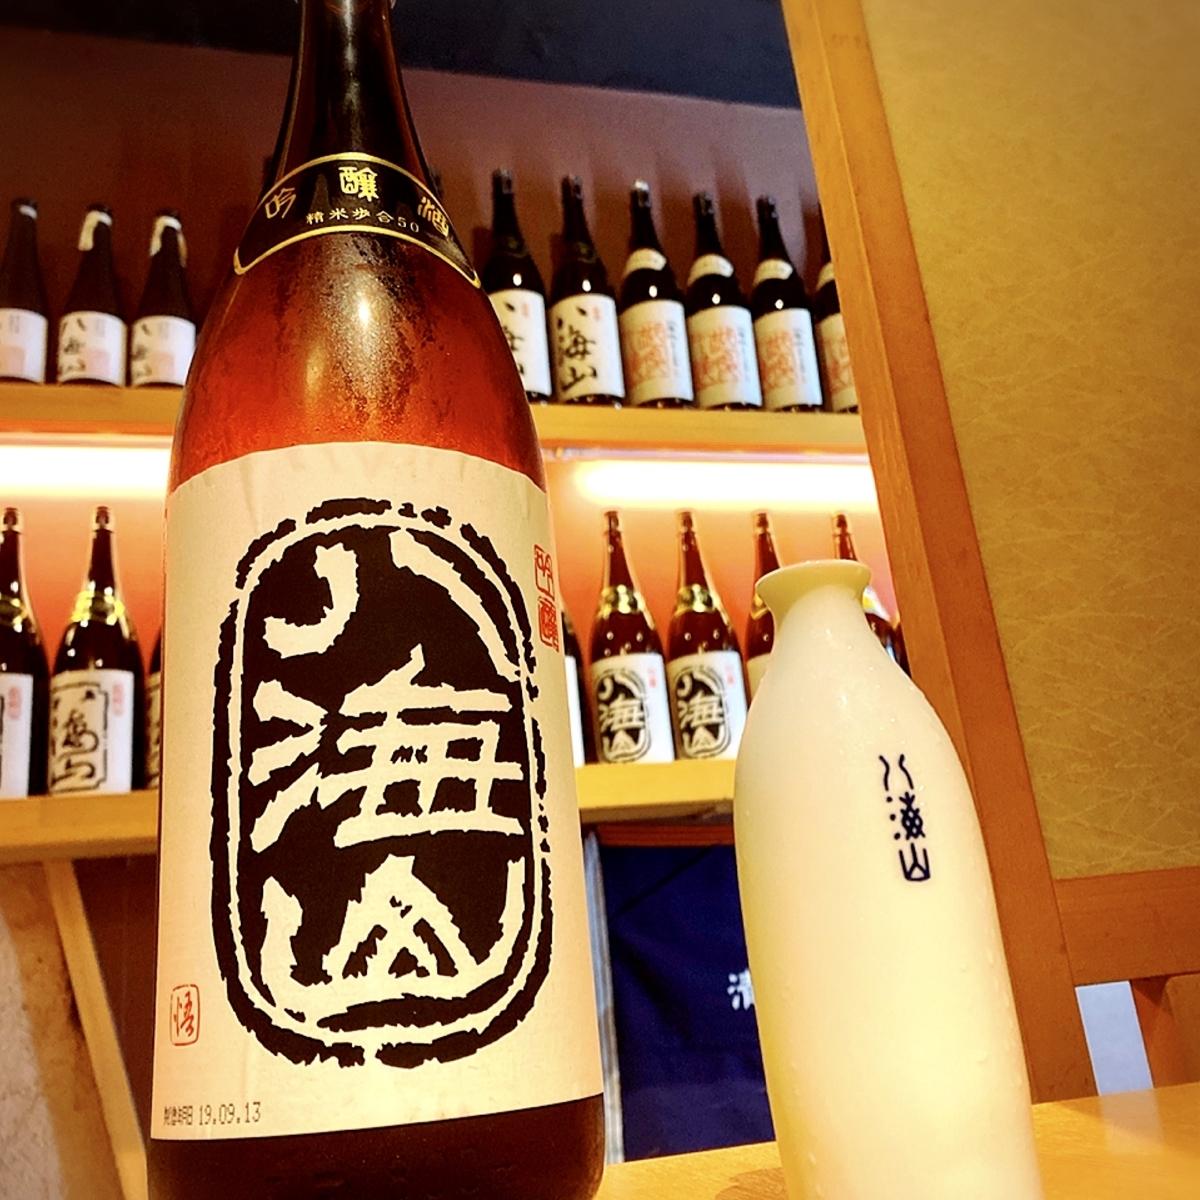 越後酒房 八海山 神楽坂店の店内雰囲気